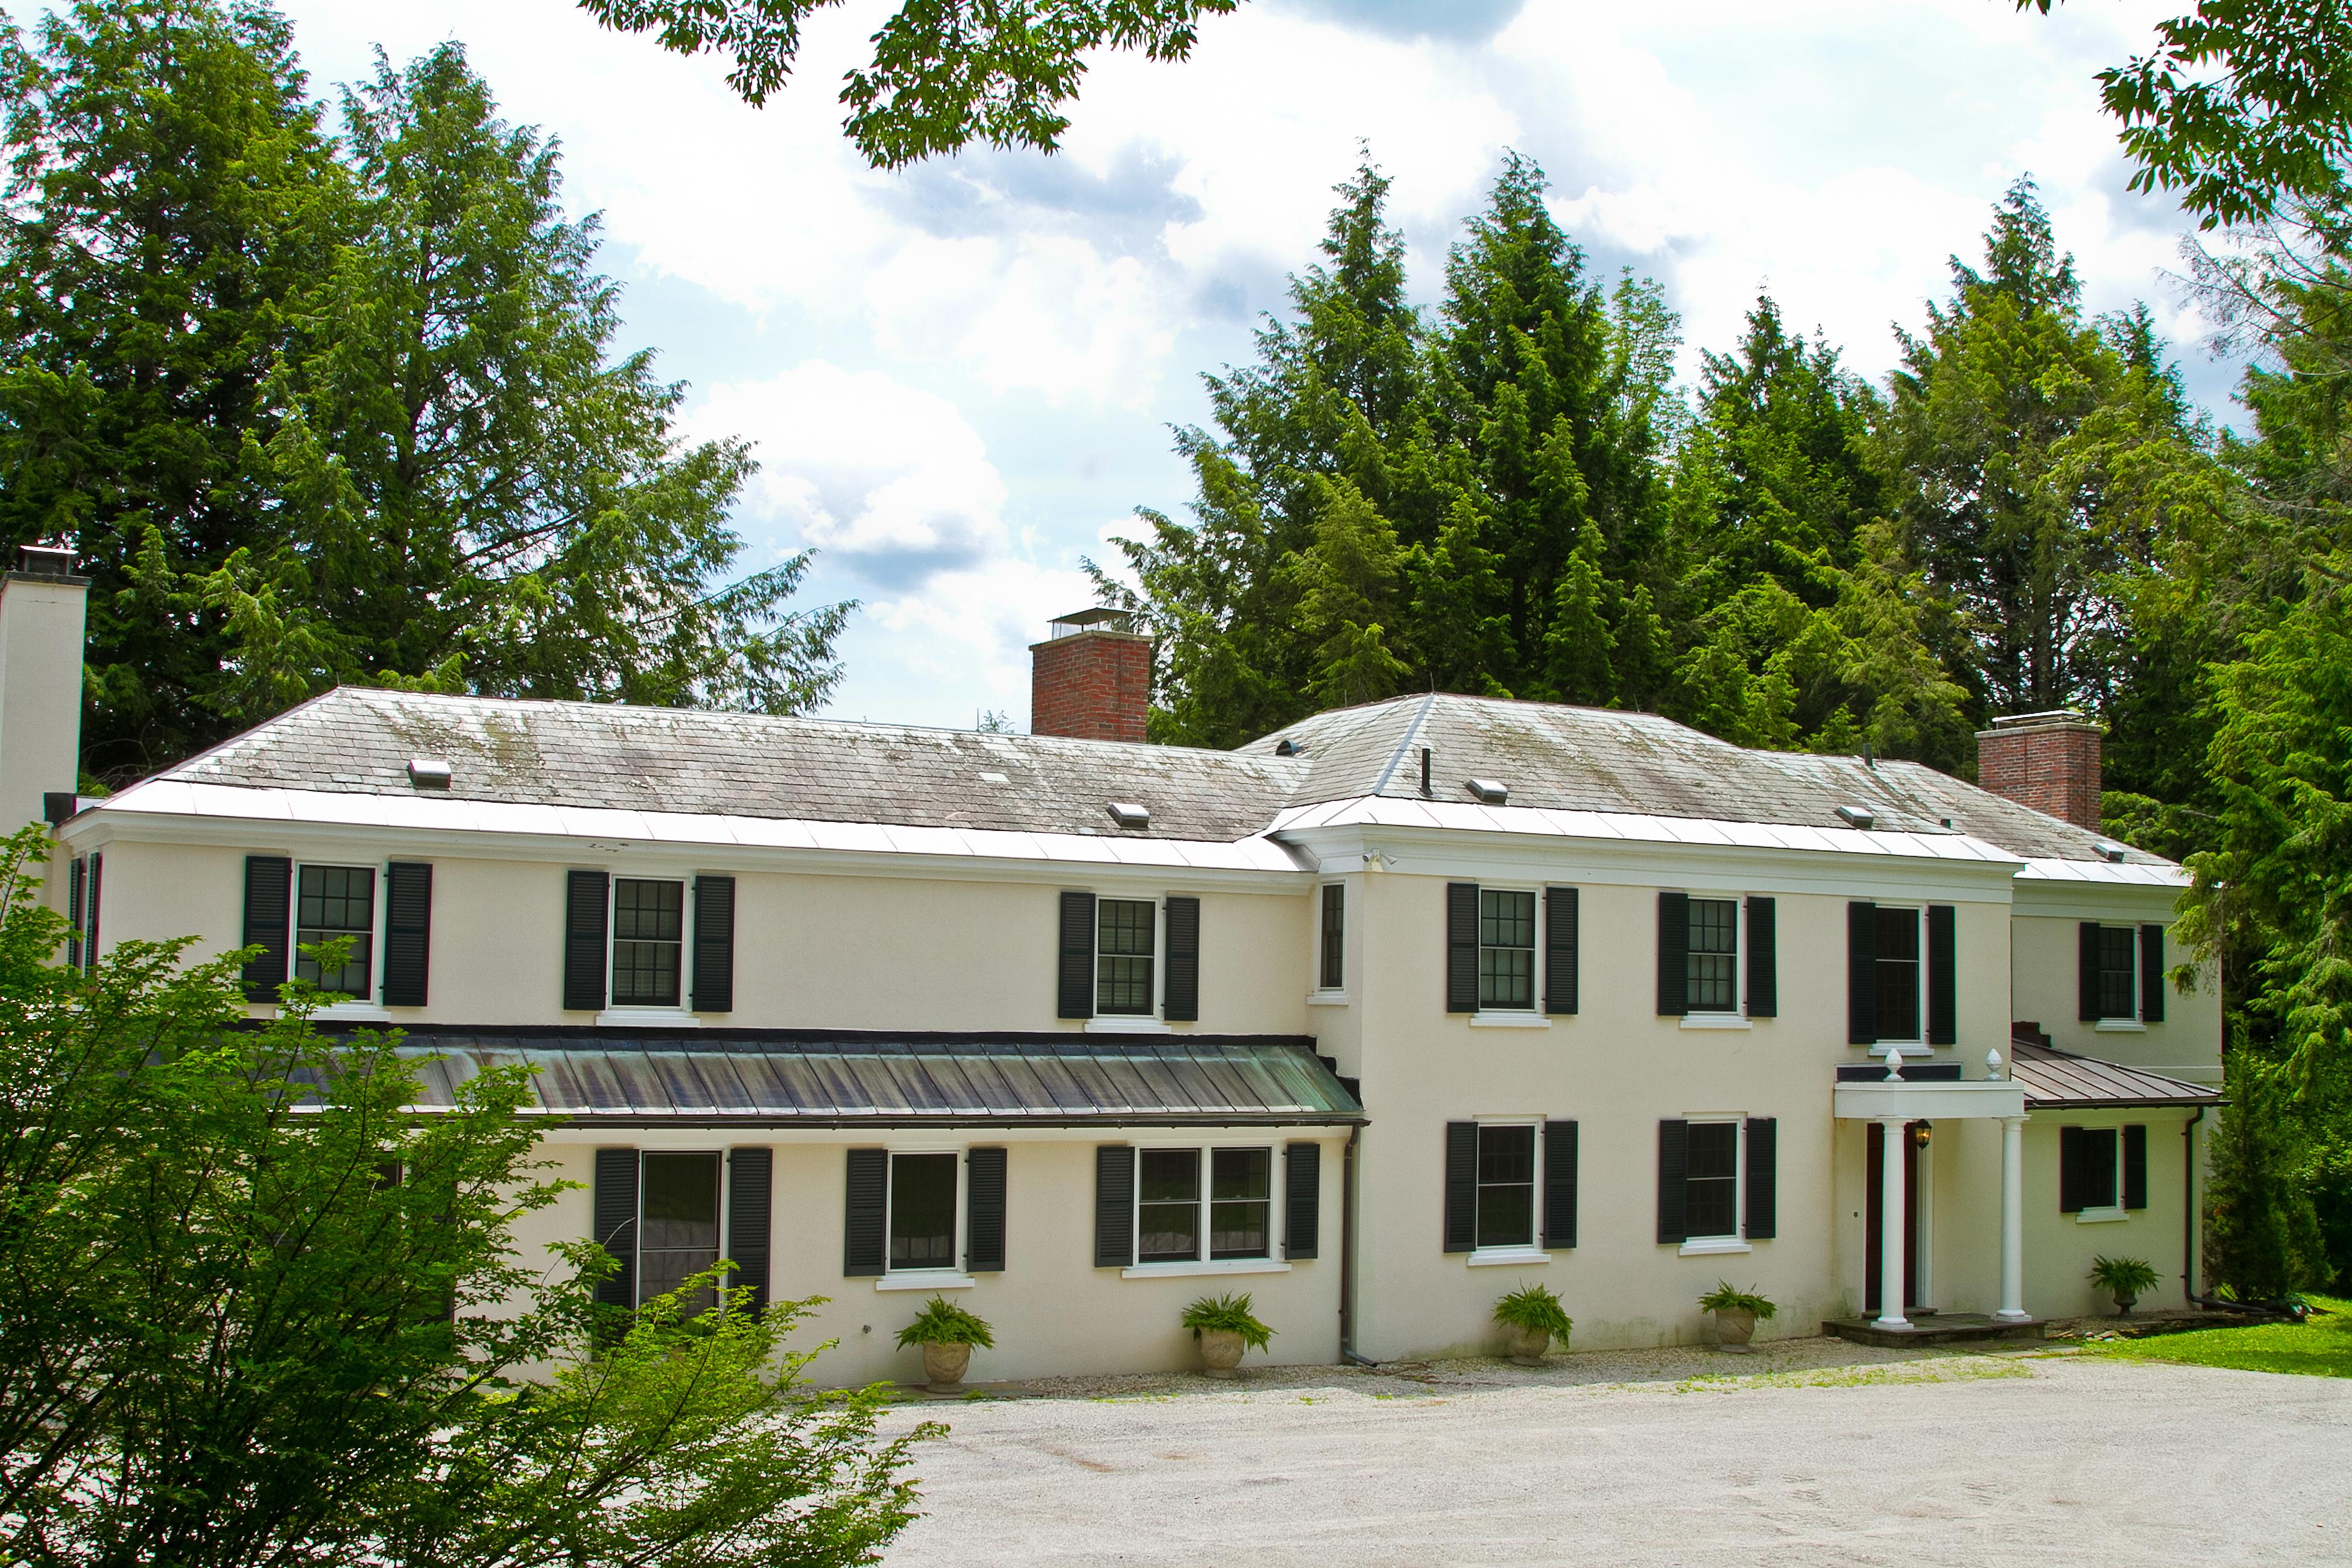 단독 가정 주택 용 매매 에 Beautifully Updated 1920s Estate Home on 29 Acres, with Continental Panache 190 Torrey Woods Rd. Williamstown, 매사추세츠 01267 미국